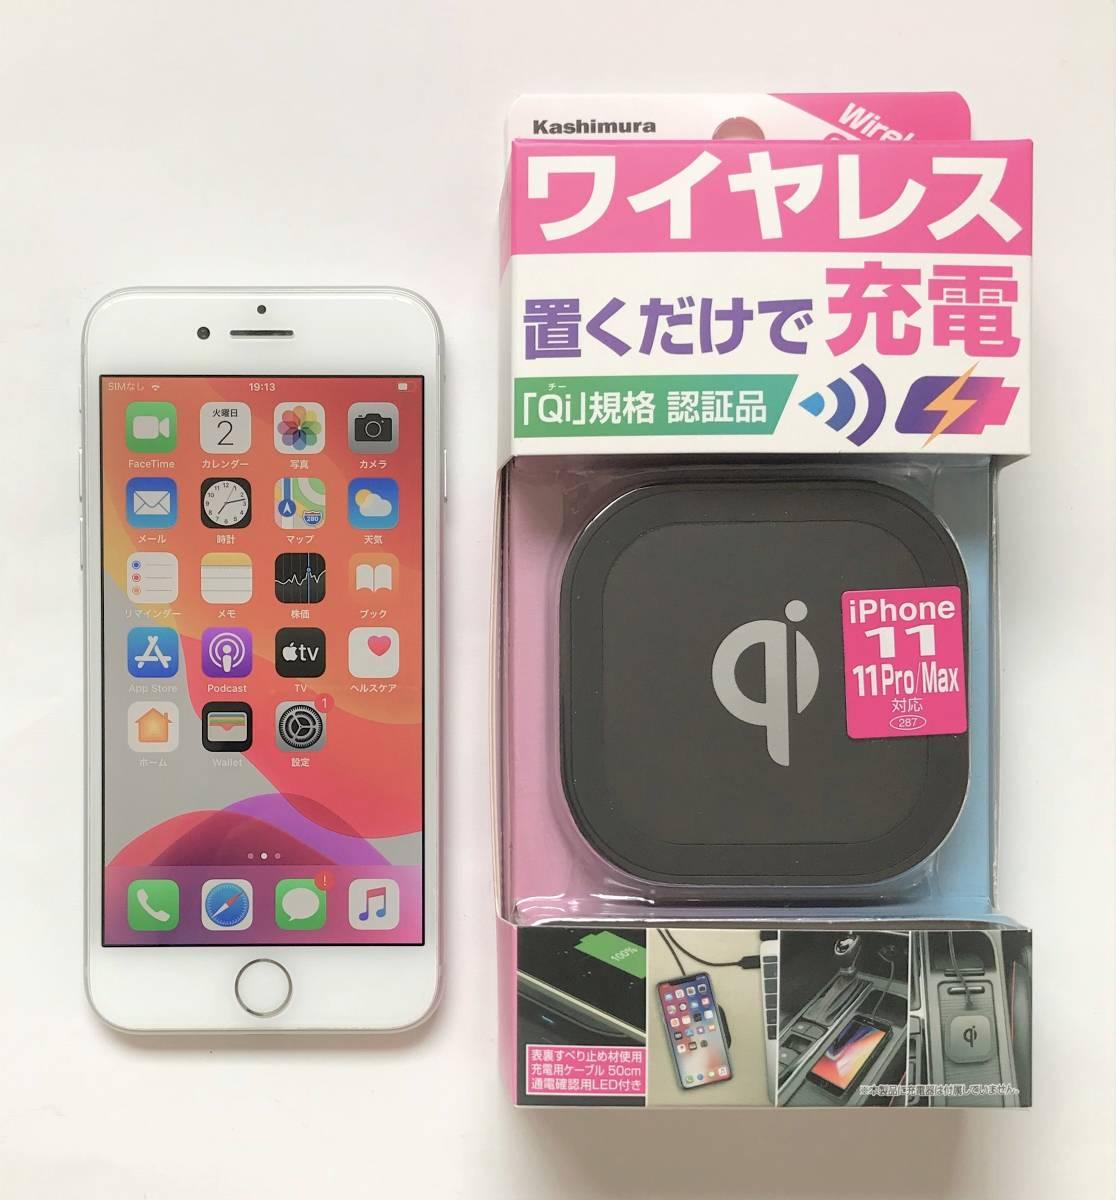 【セット】 iPhone8 SIMフリー 64GB シルバー SIMロック解除済み【格安SIMも使用可能】付属:新品ワイヤレス充電器 Qi準拠 1円スタート